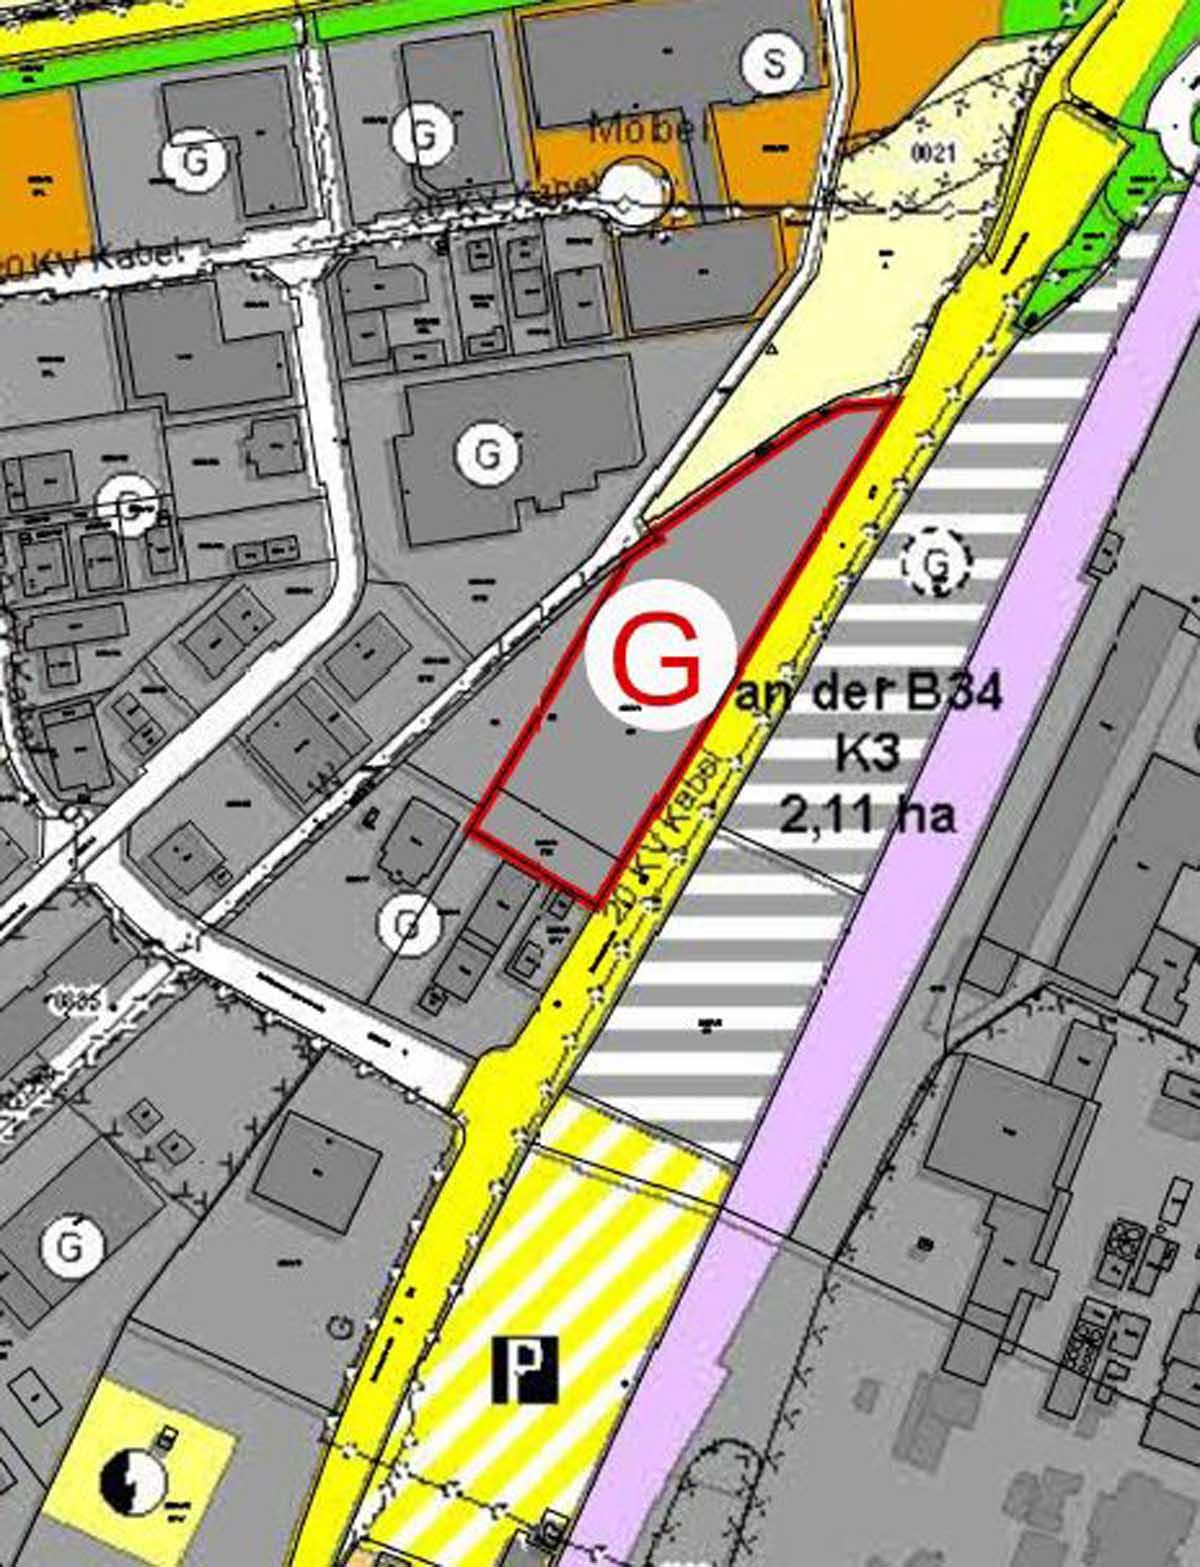 Plan des Geltungsbereichs der Teiländerung.